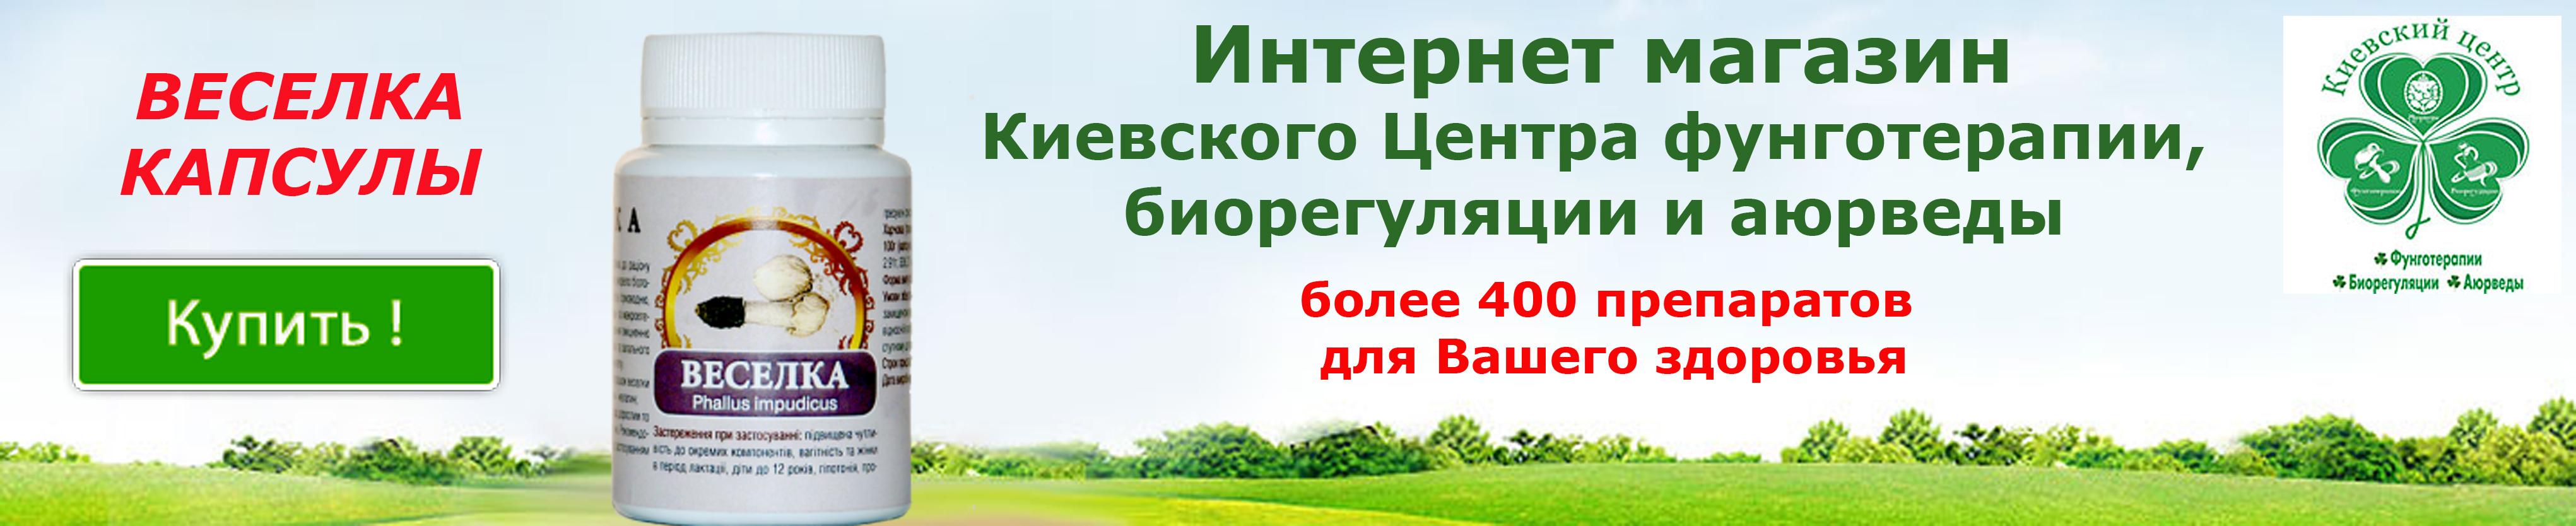 Veselka buy drug online store